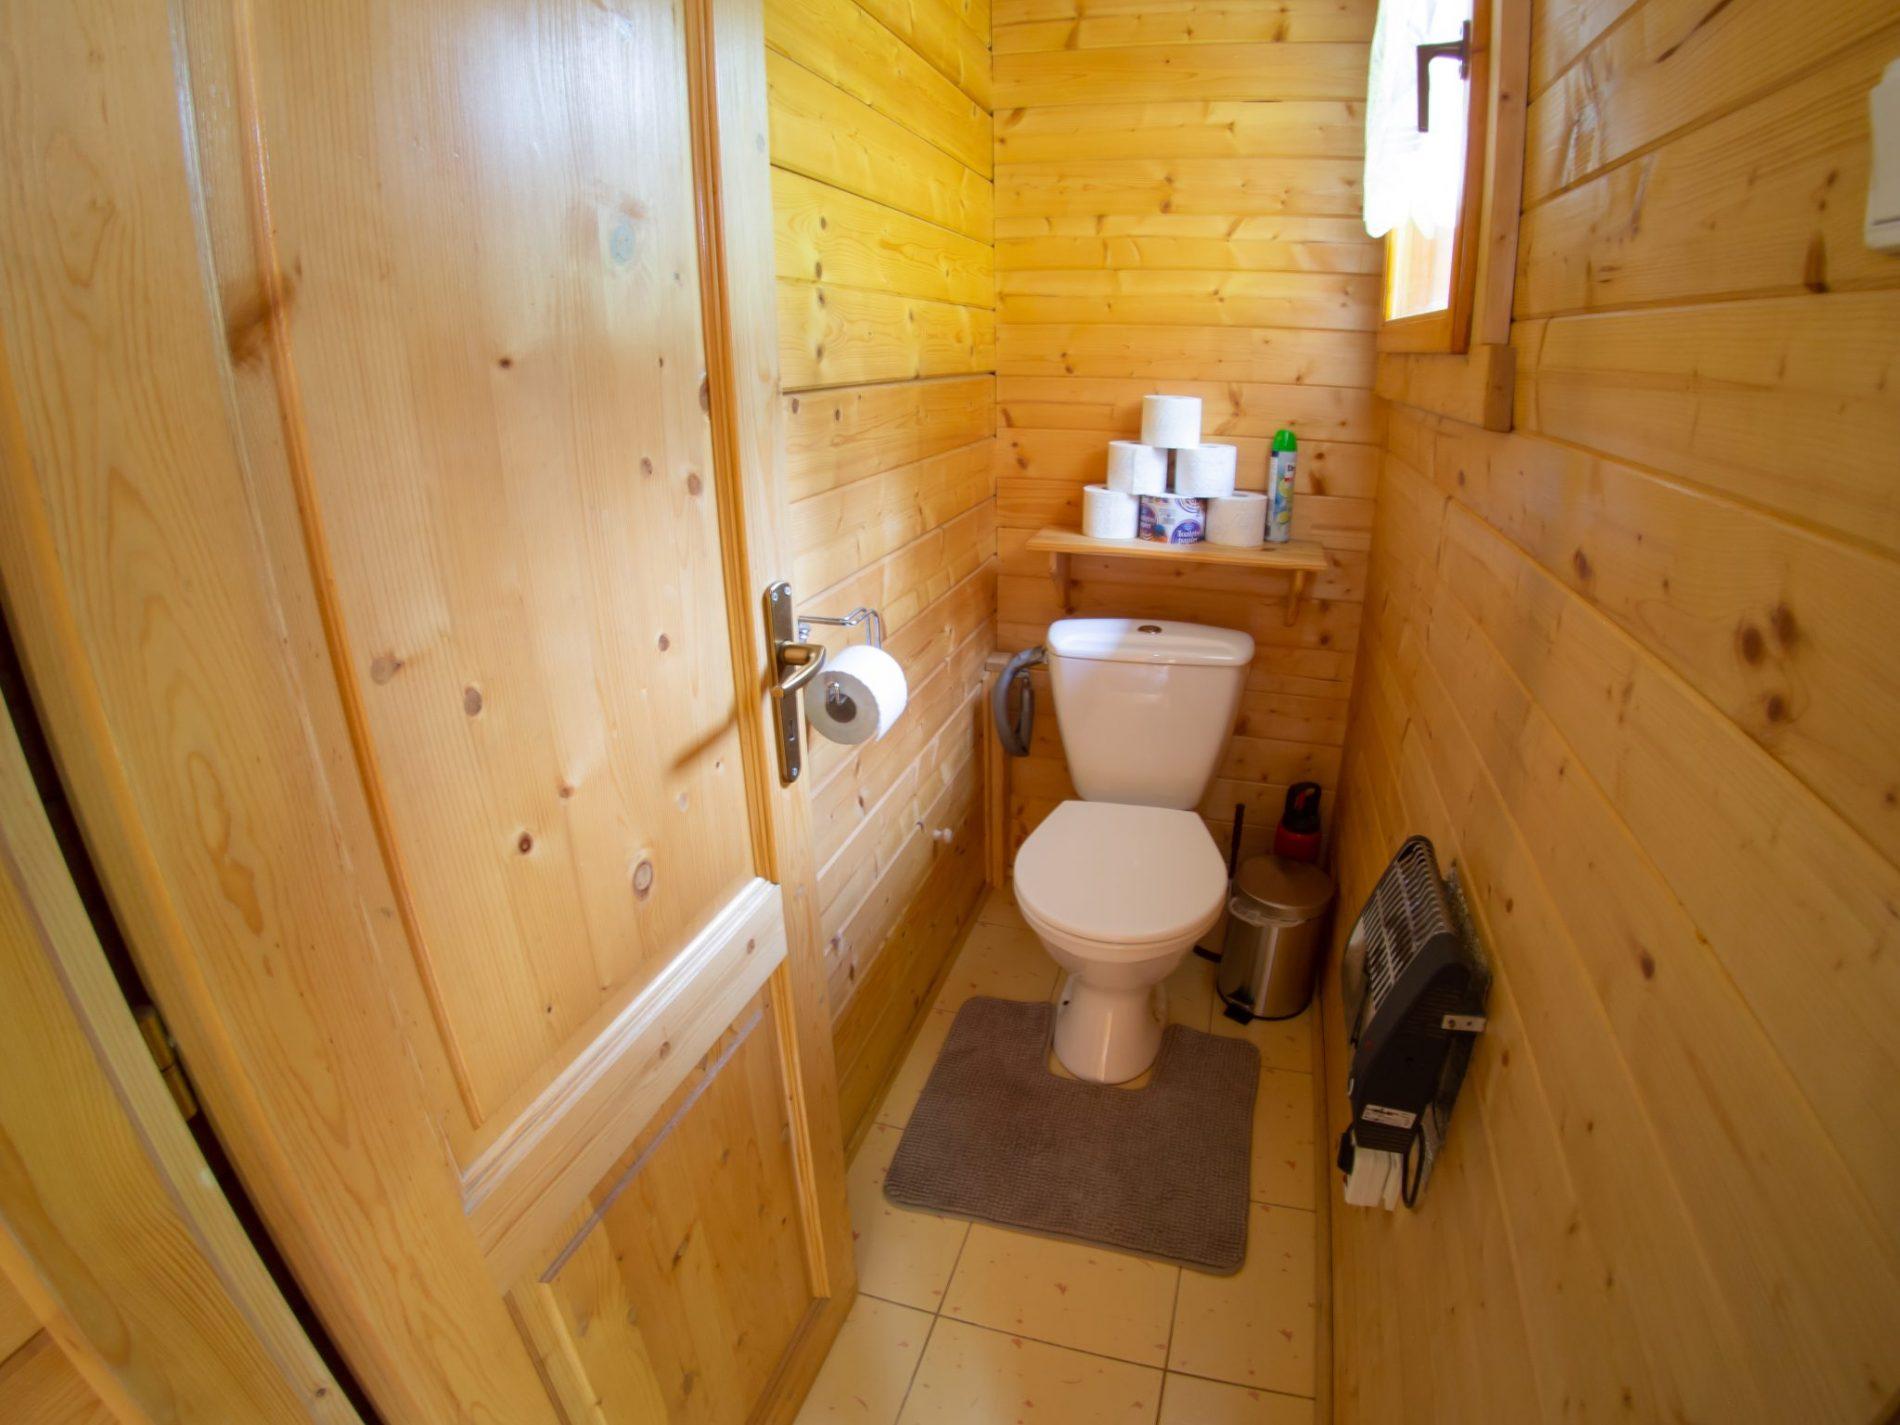 Ubytovanie Chaty Drevenice Oščadnica - toaleta